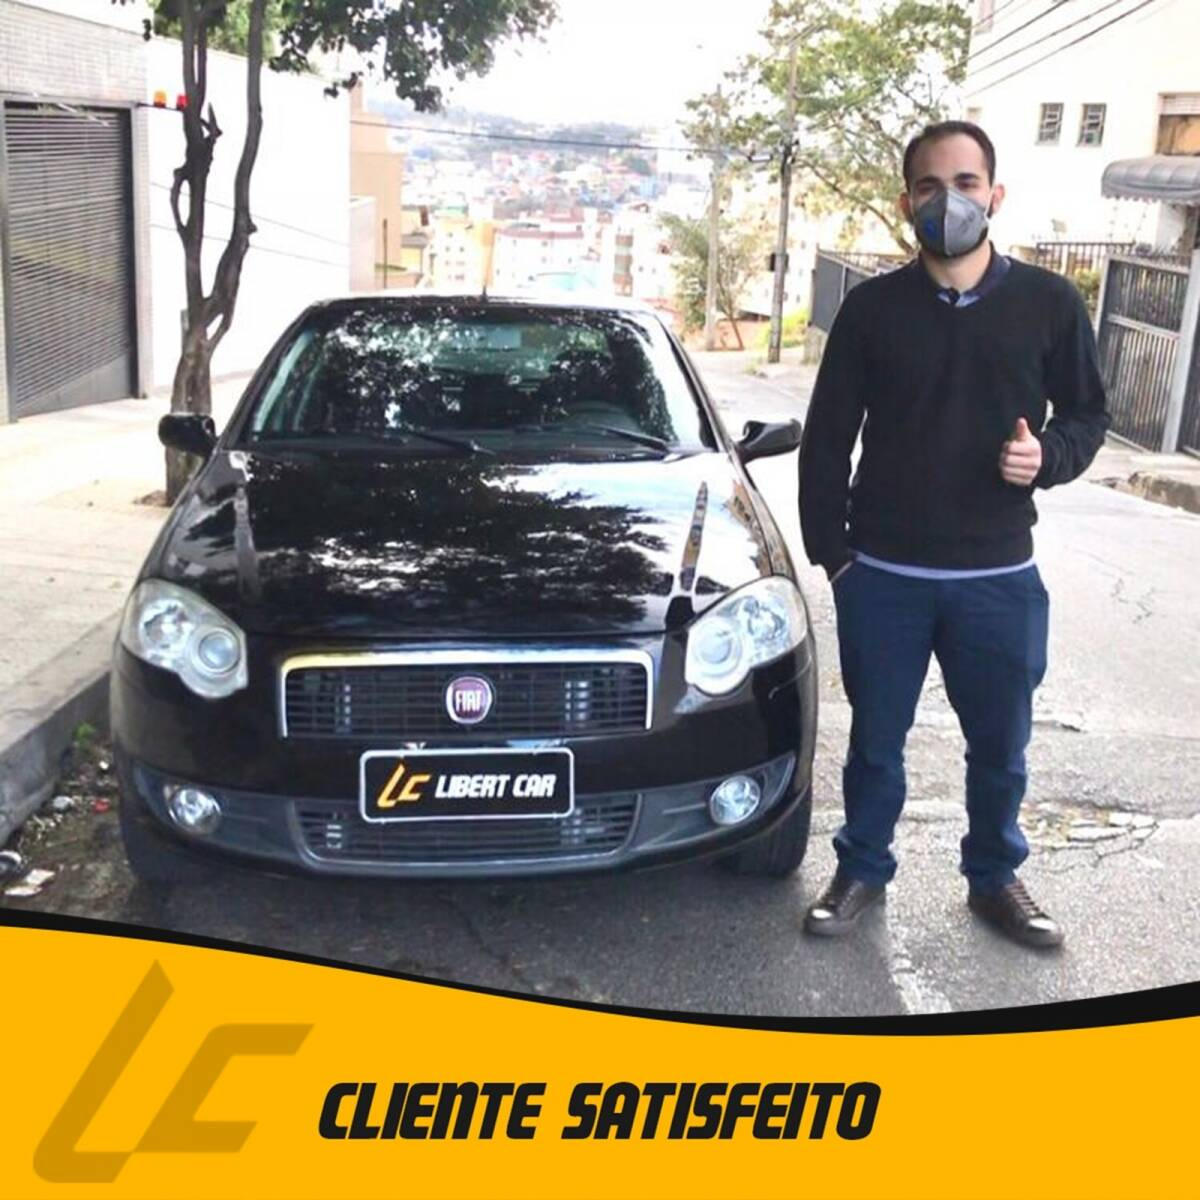 Cliente Satisfeito - Vinícius